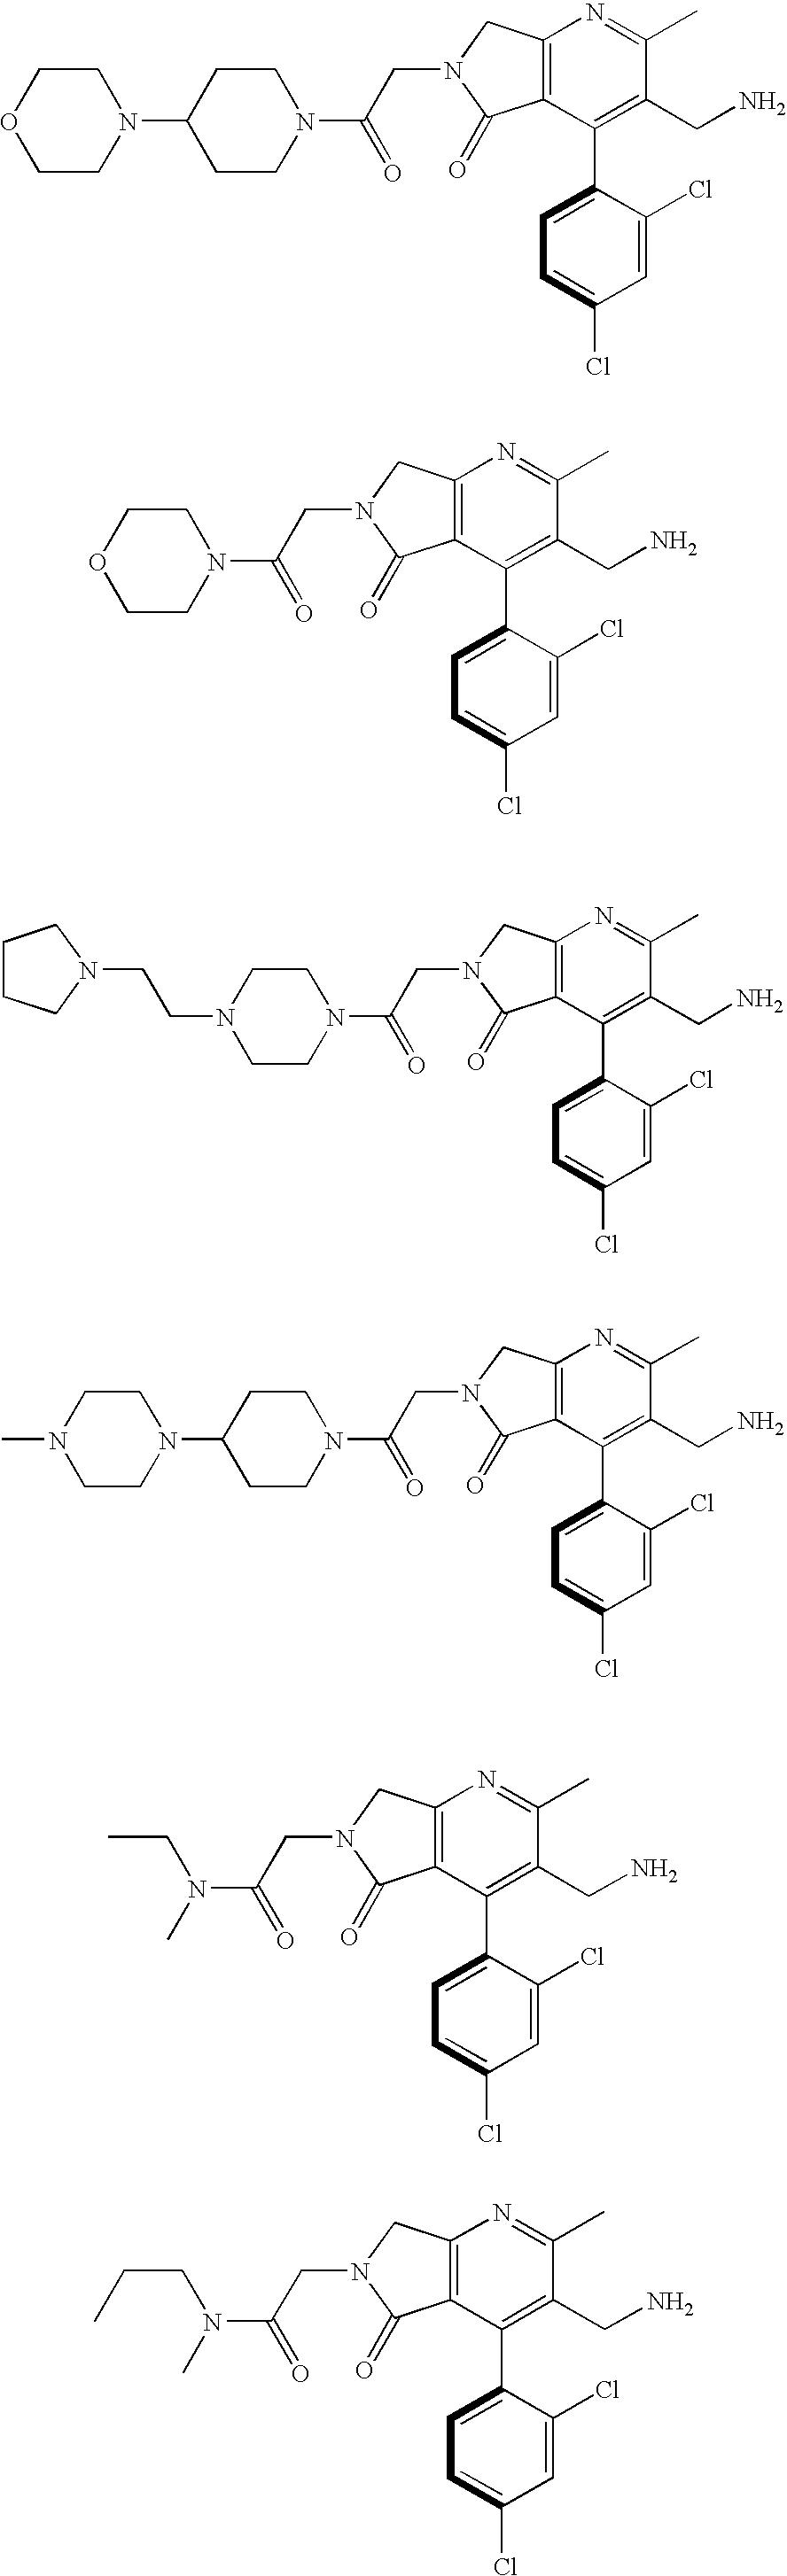 Figure US07521557-20090421-C00013